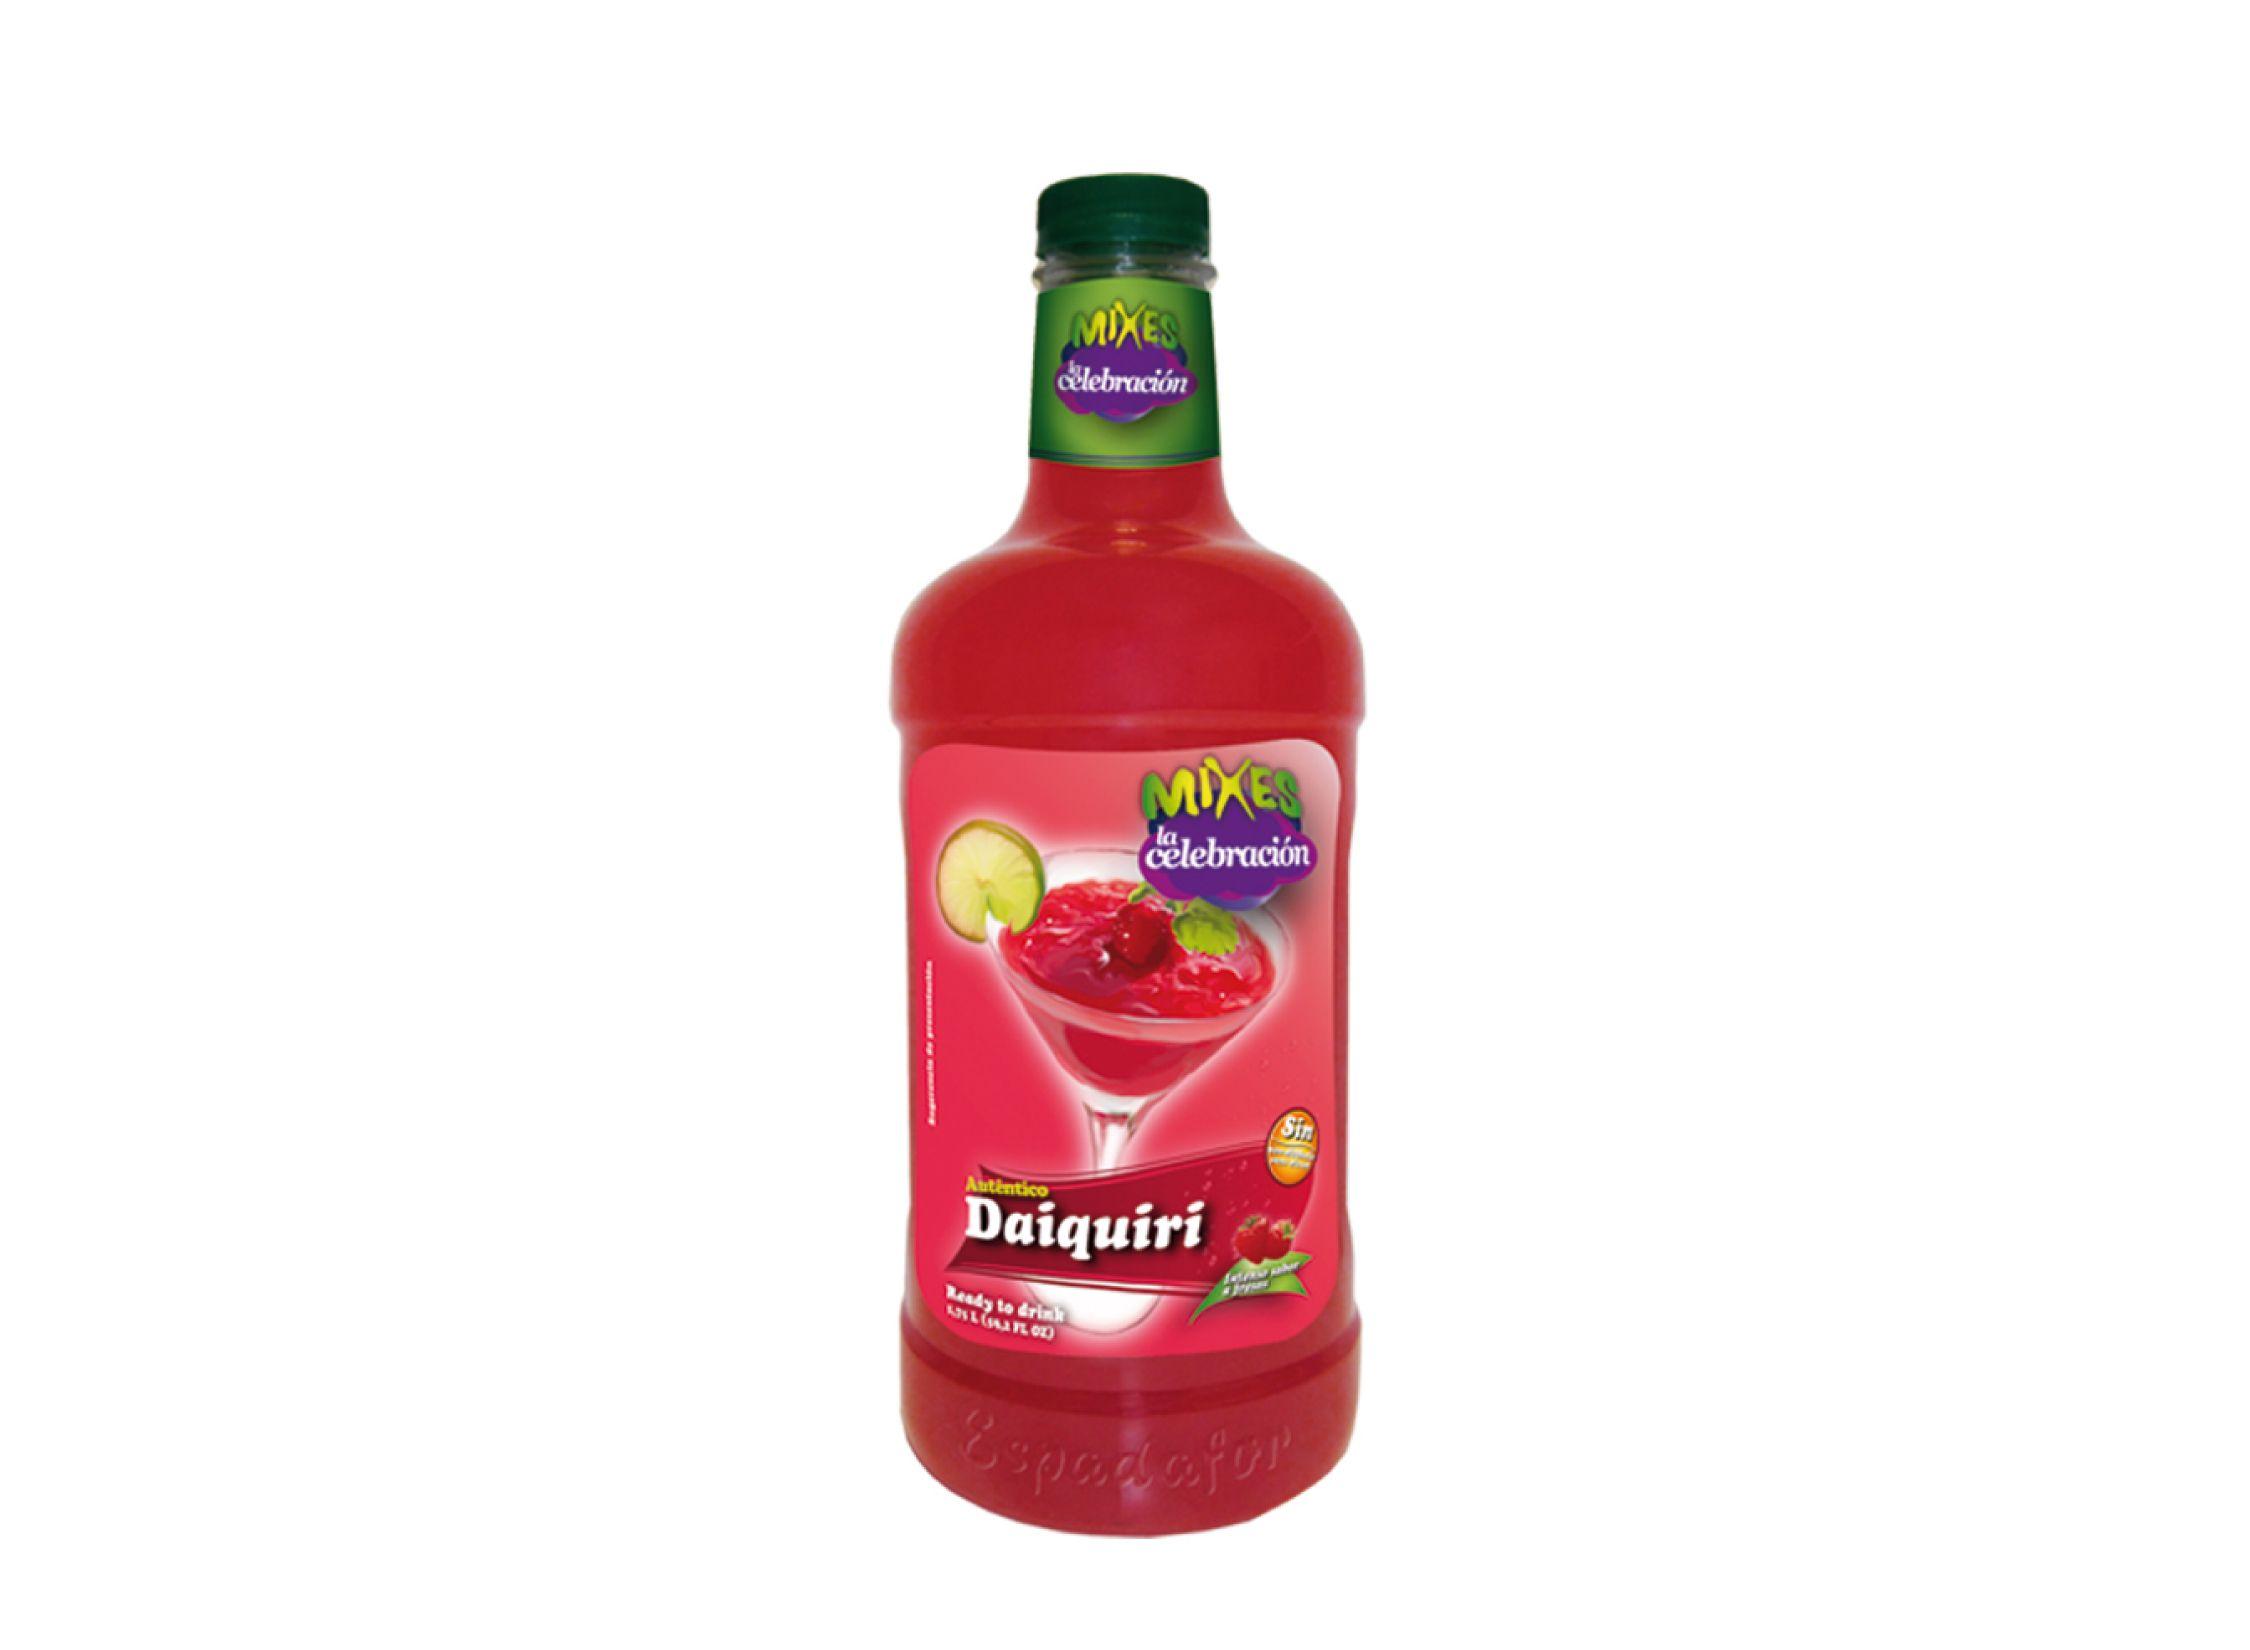 Botella de 1,75L de Cocktail Mixes La Celebración Daiquiri sin alcohol. Bebida fabricada por Industrias Espadafor.